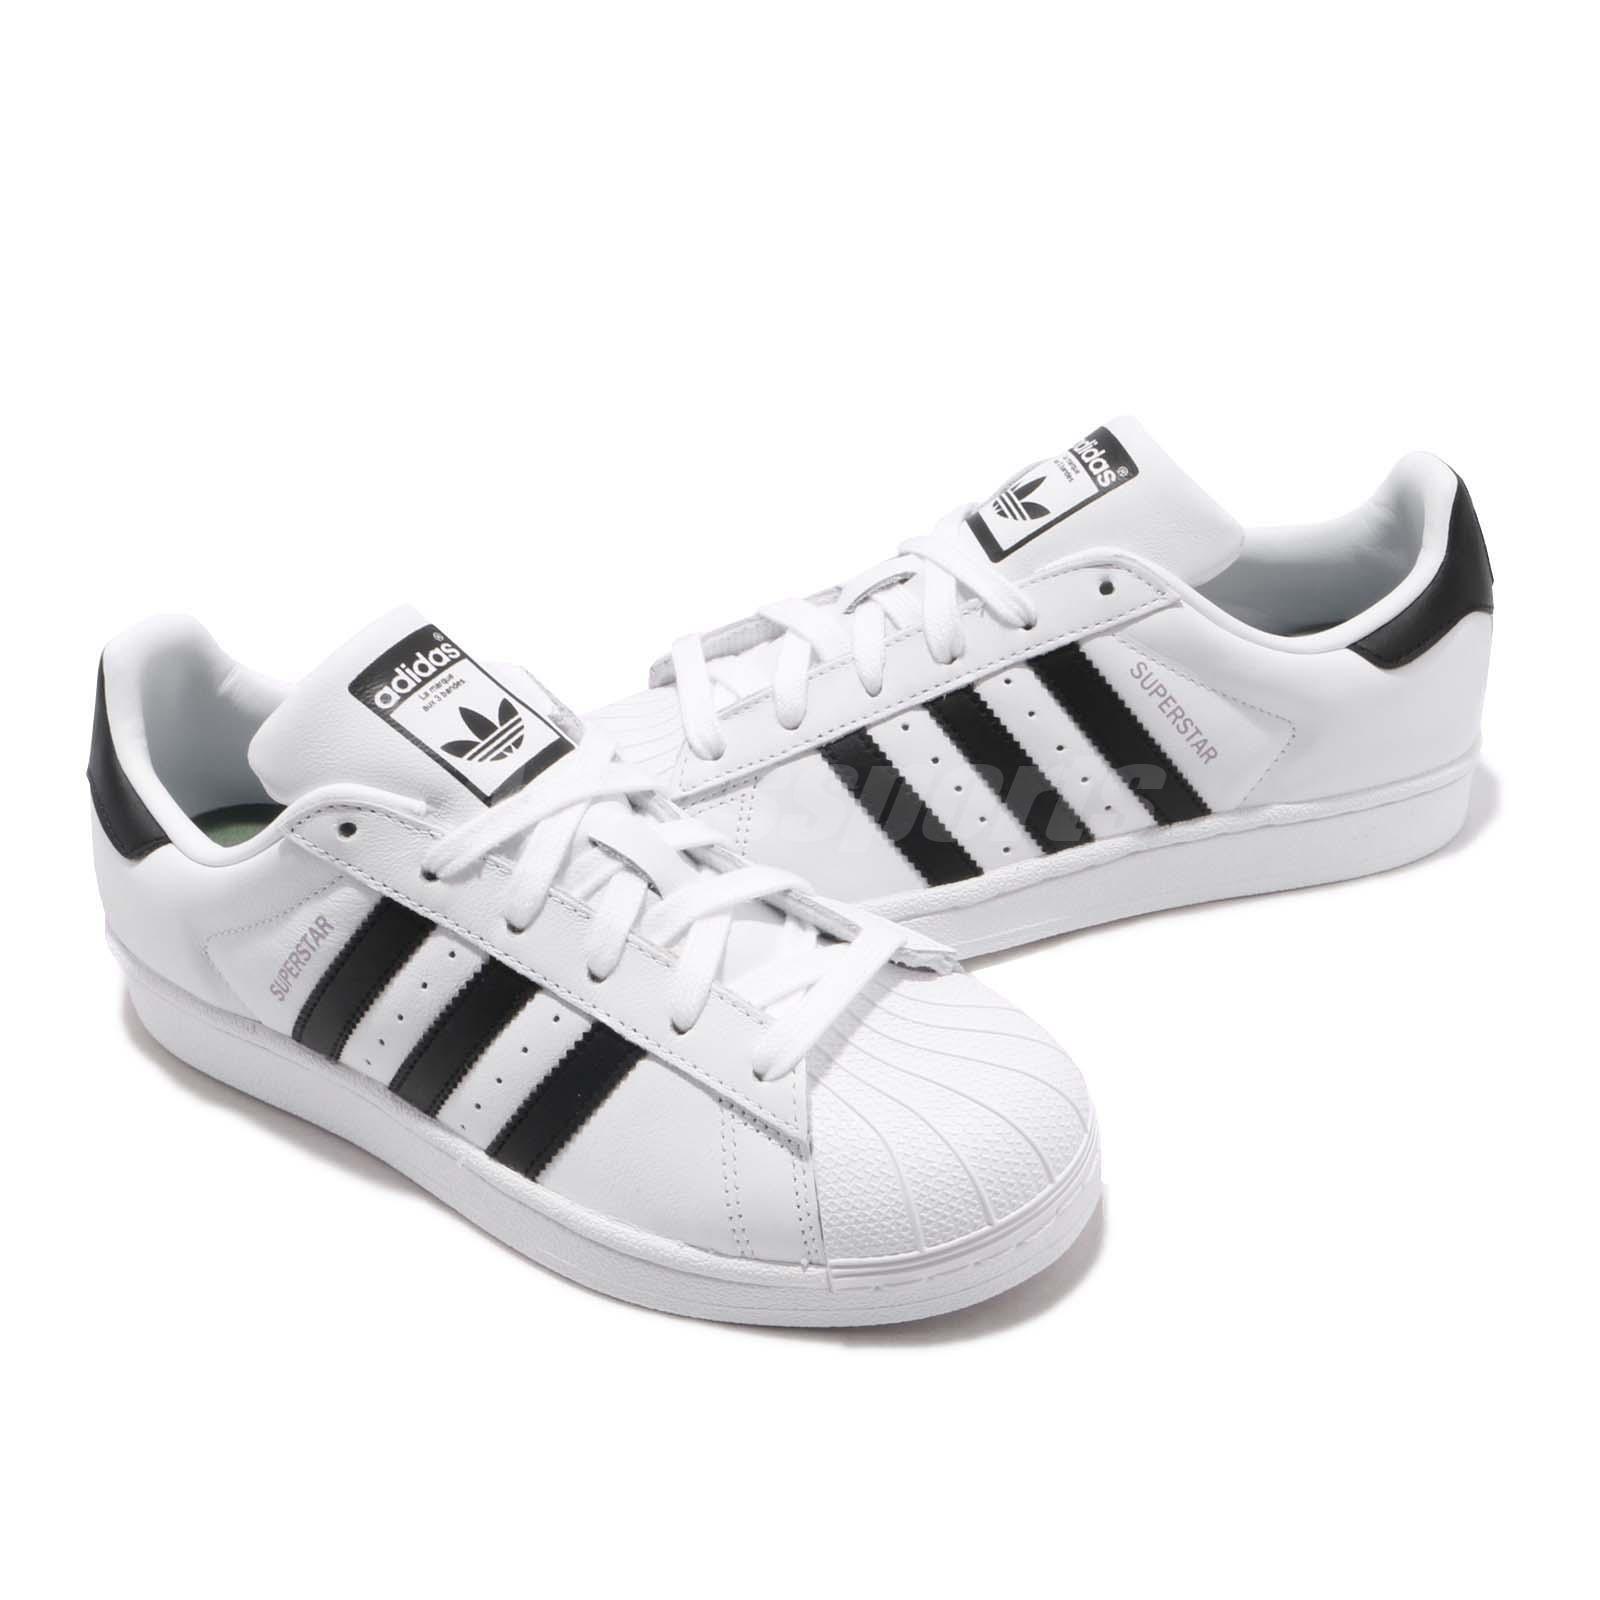 adidas Originals Superstar W Hattie Stewart White Black ...